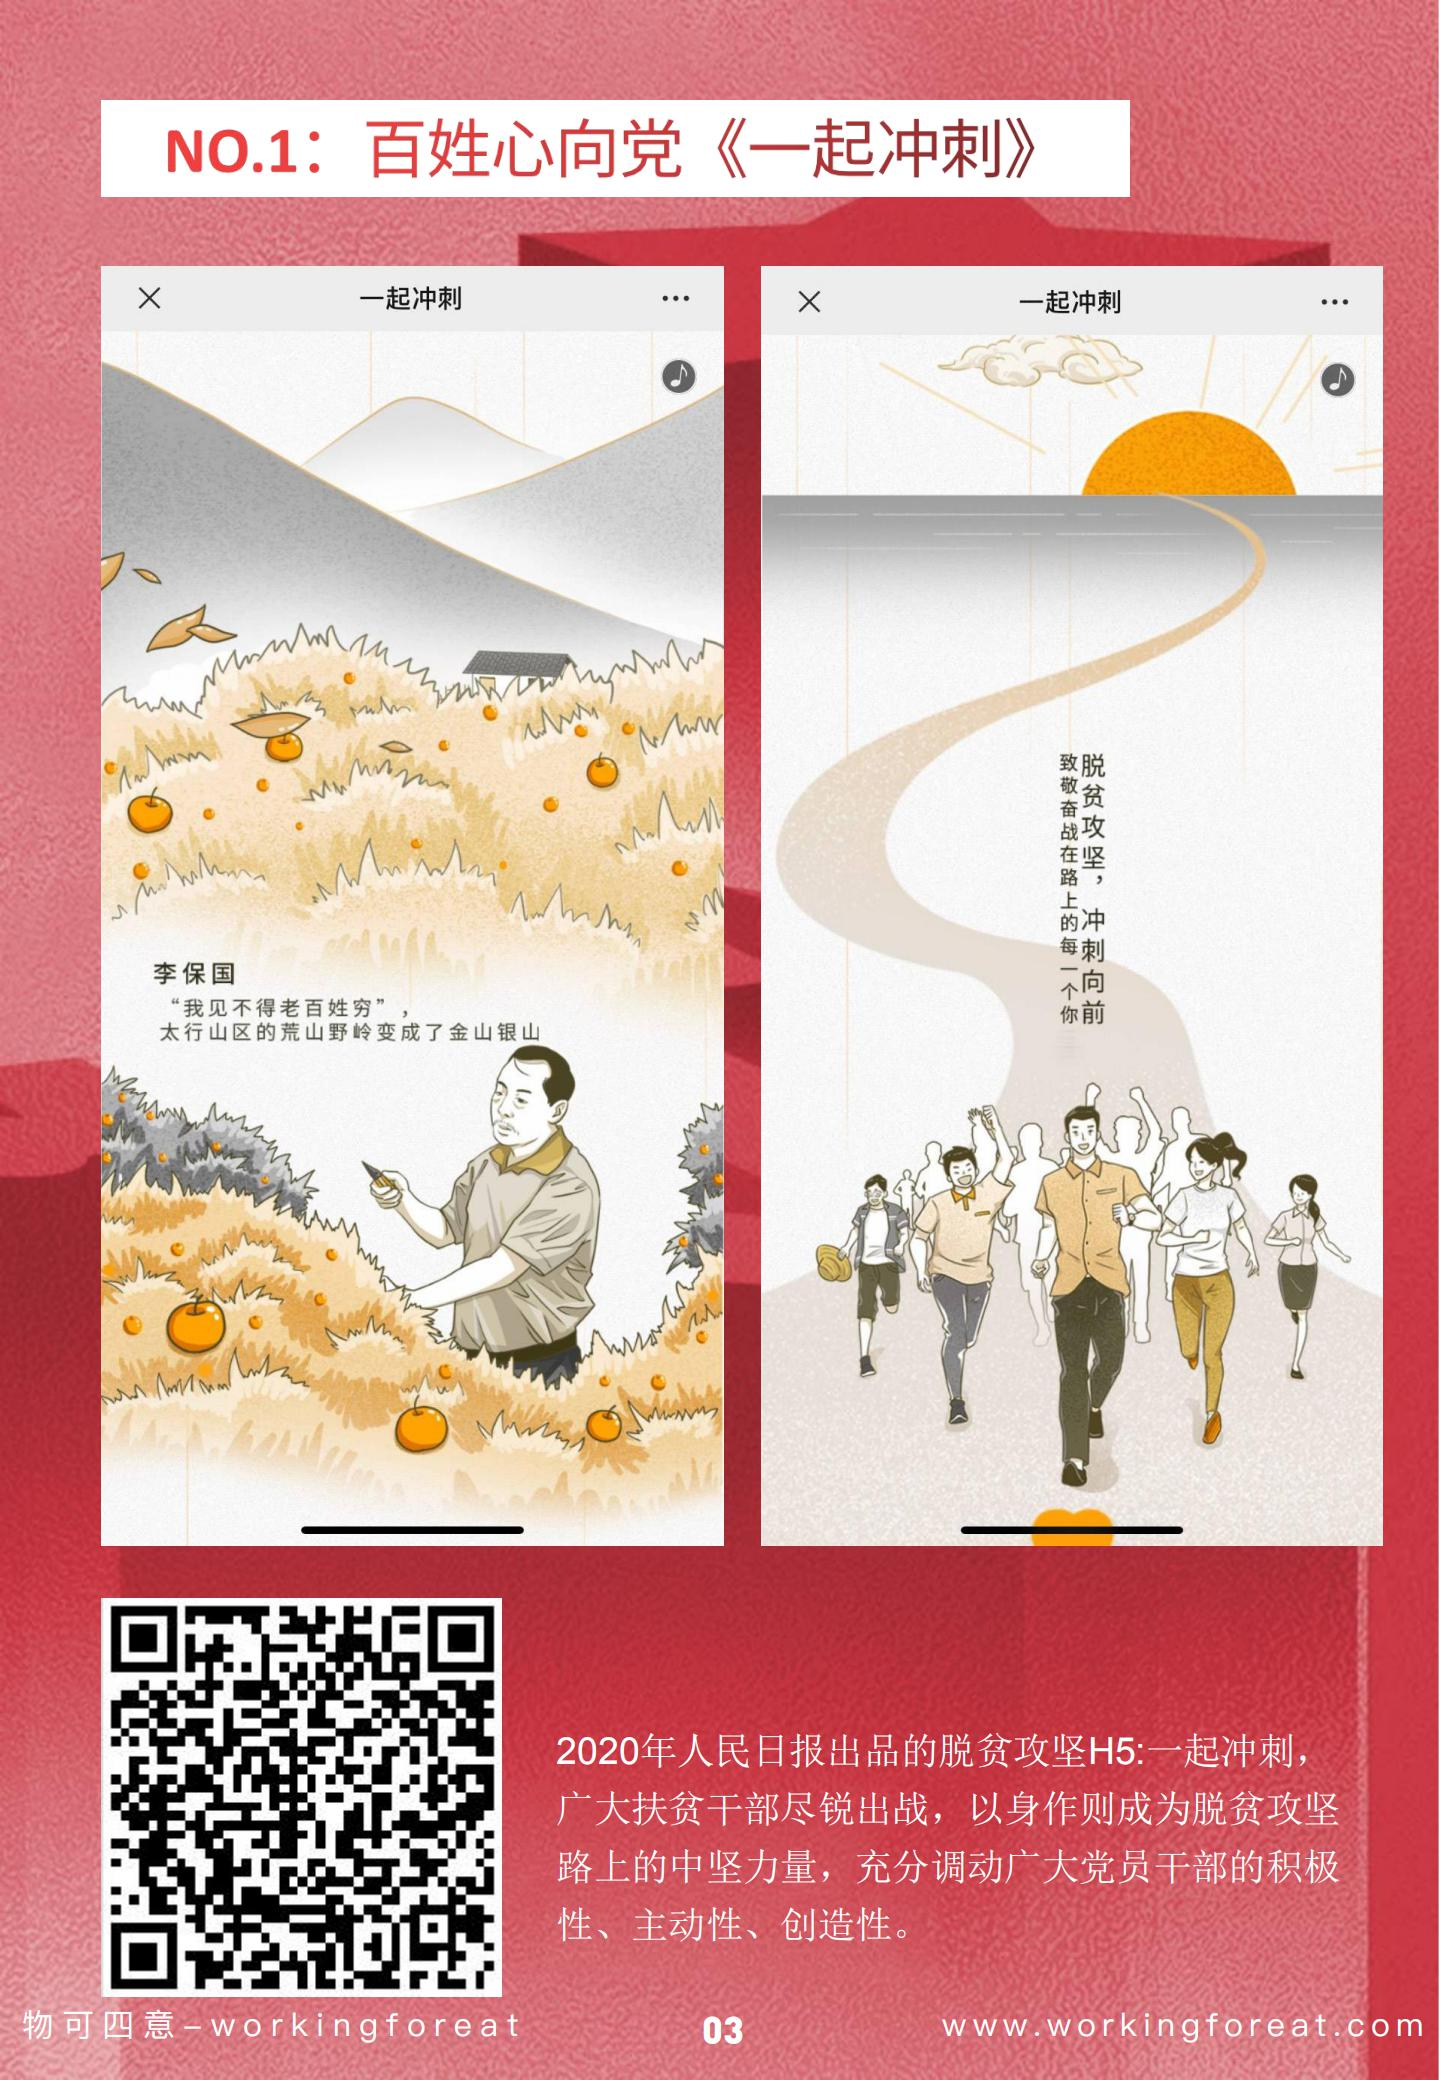 【党建100周年】【宣传科普】特别企划党建周年H5方案合集_02.jpg